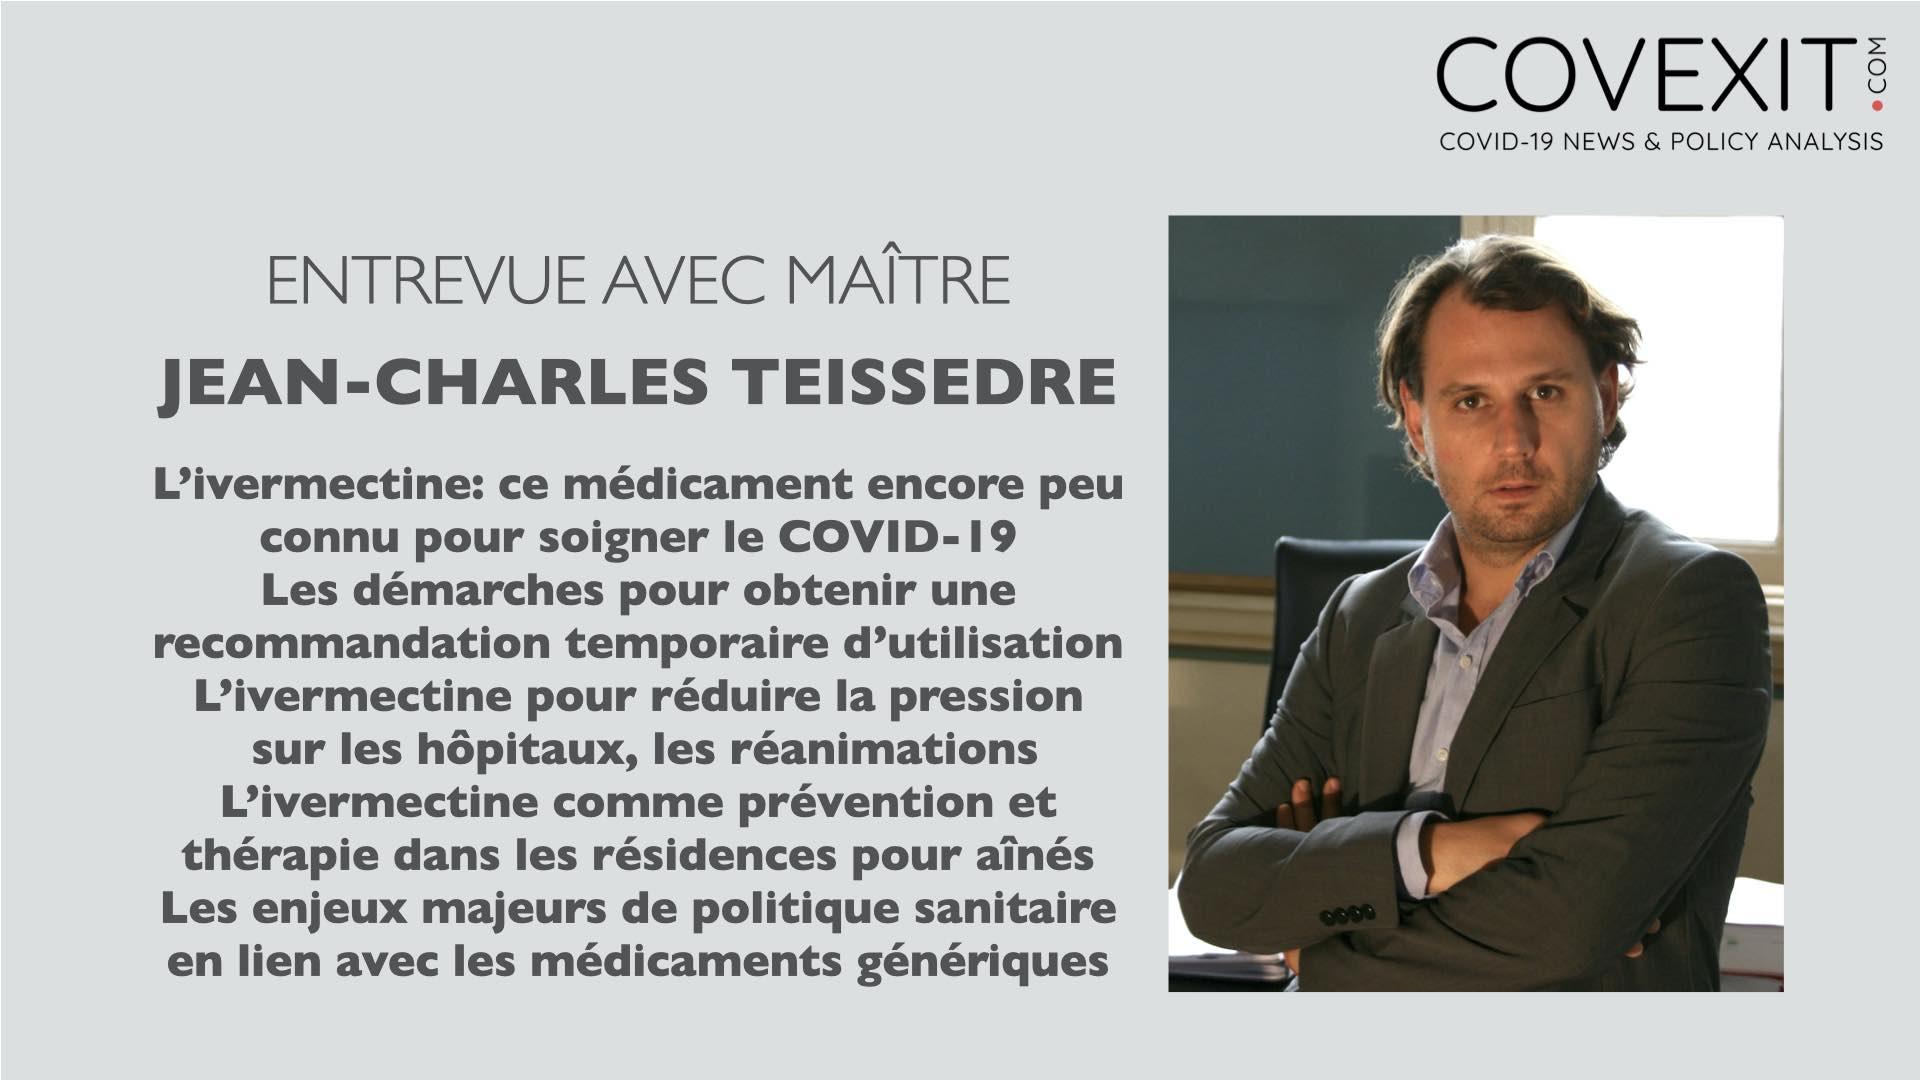 Entretien avec Maître Jean-Charles Teissedre sur l'Ivermectine